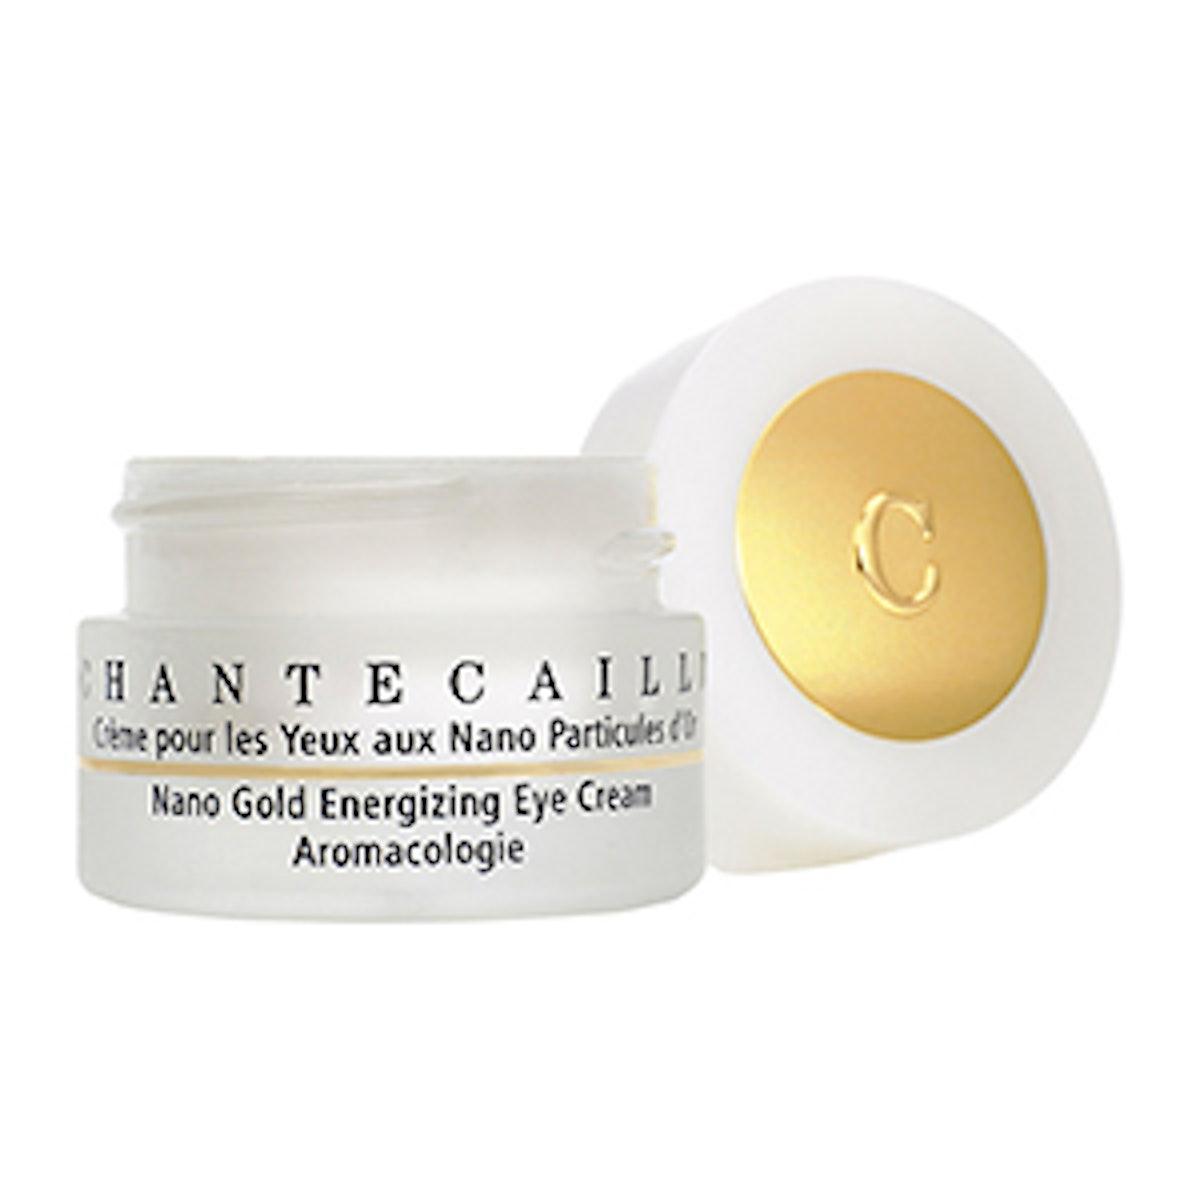 Chantecaille 'Nano Gold' Energizing Eye Cream